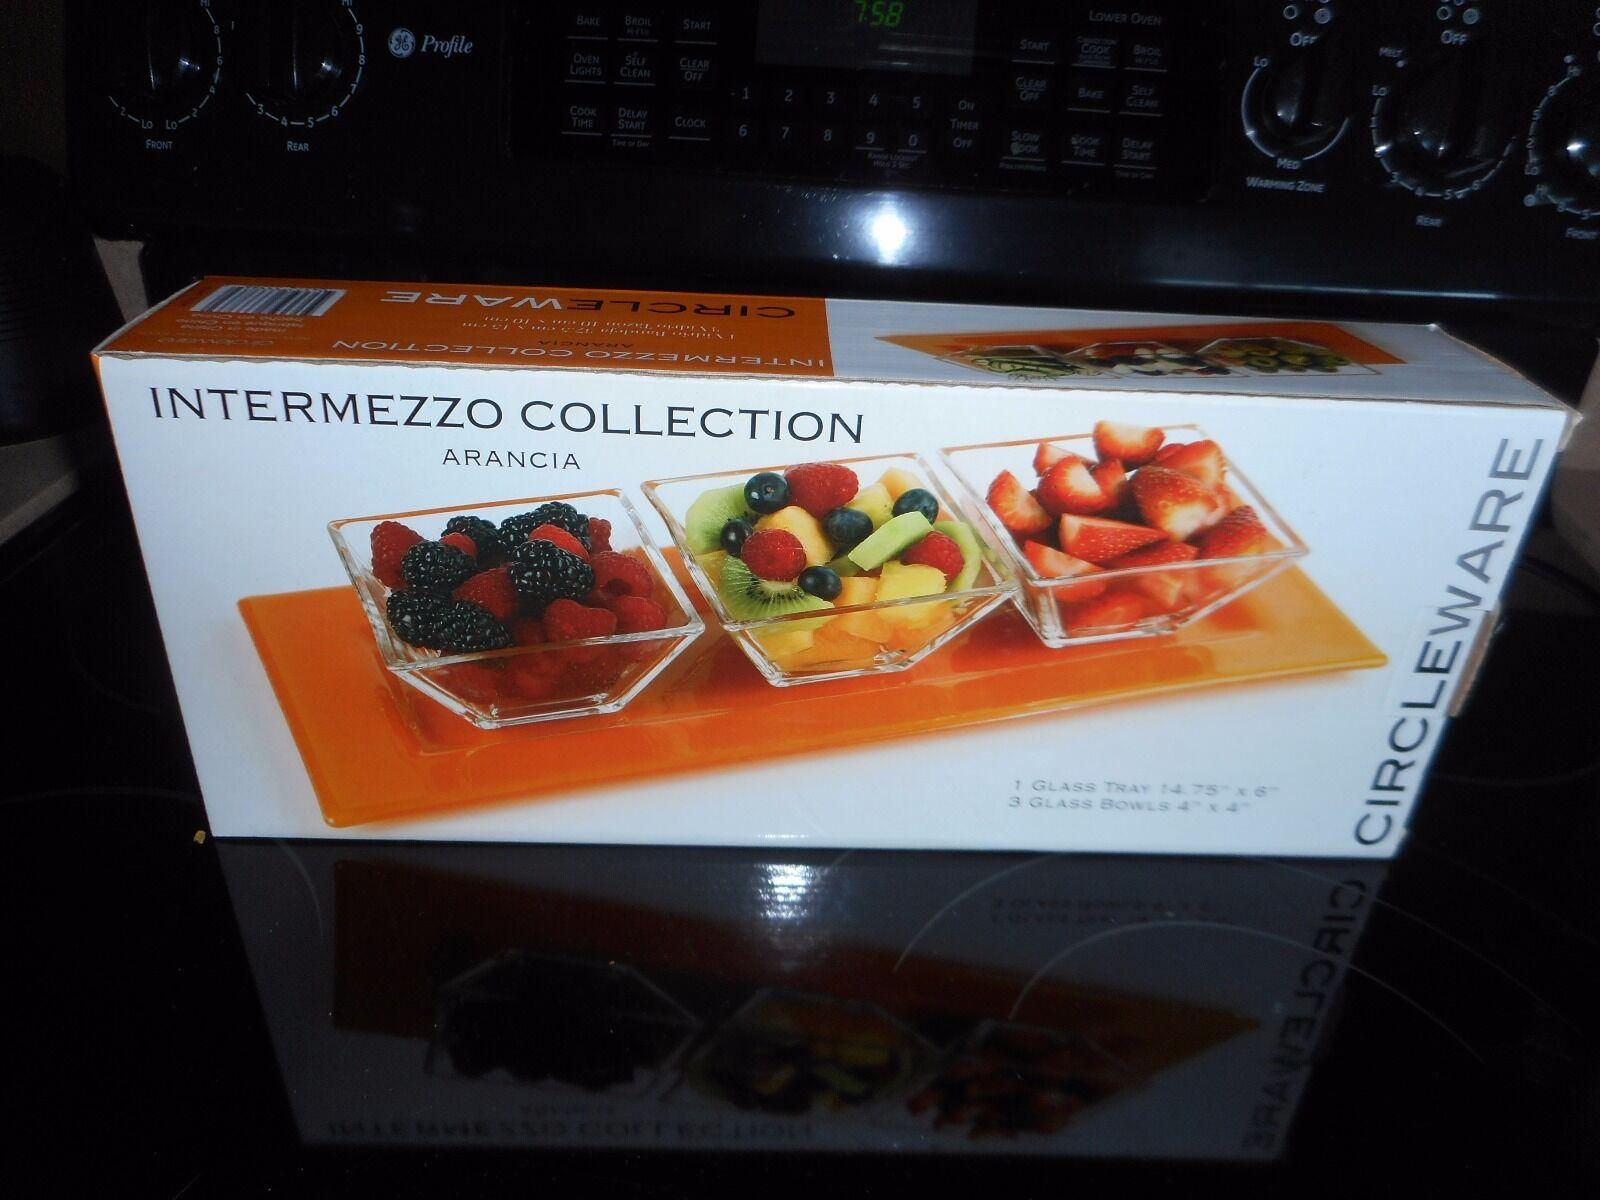 circleware intermezzo collection arancia glass tray